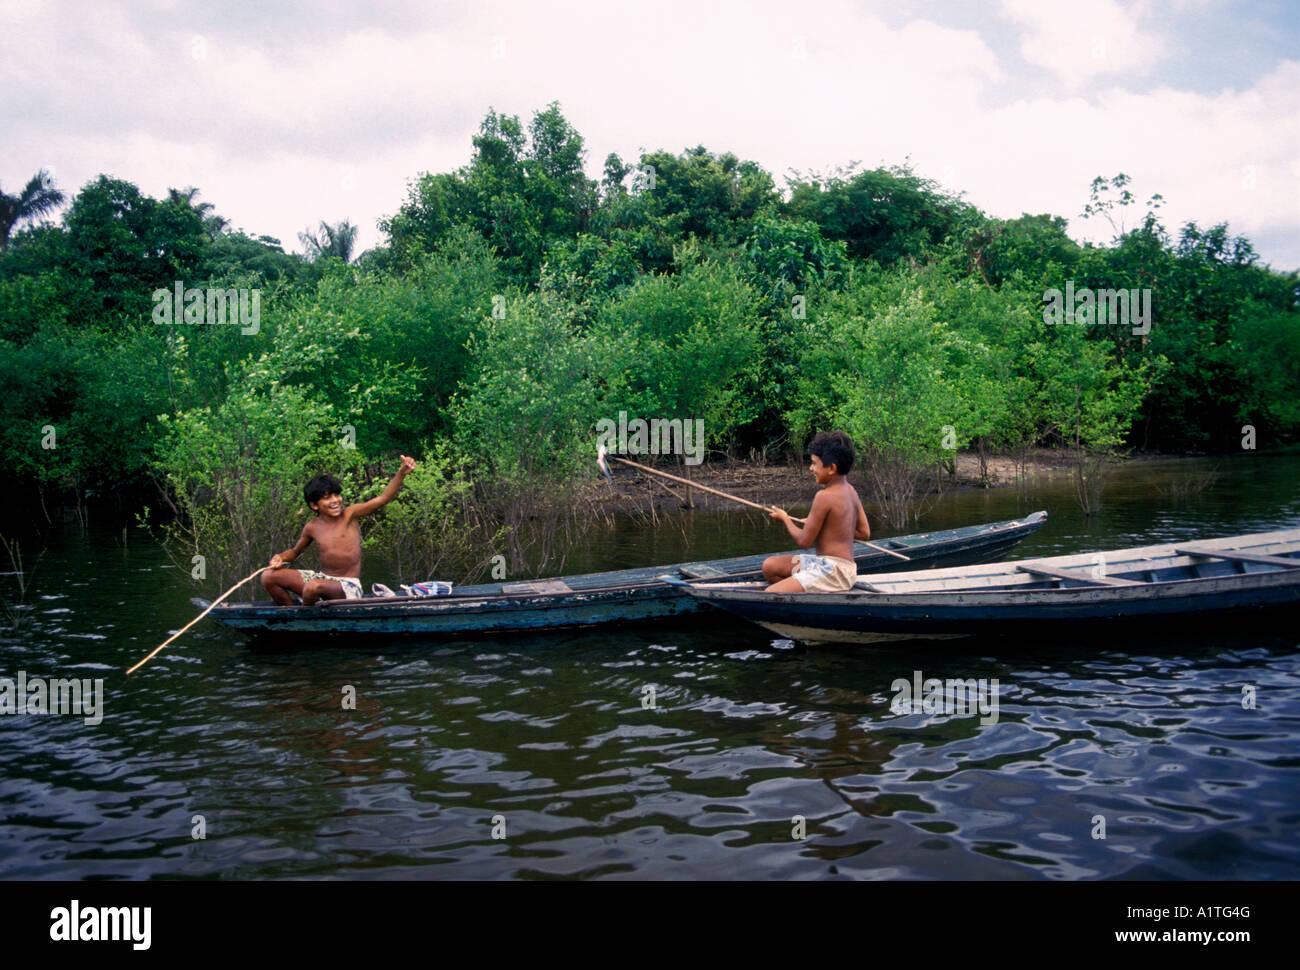 Fishing in Brazil Amazon